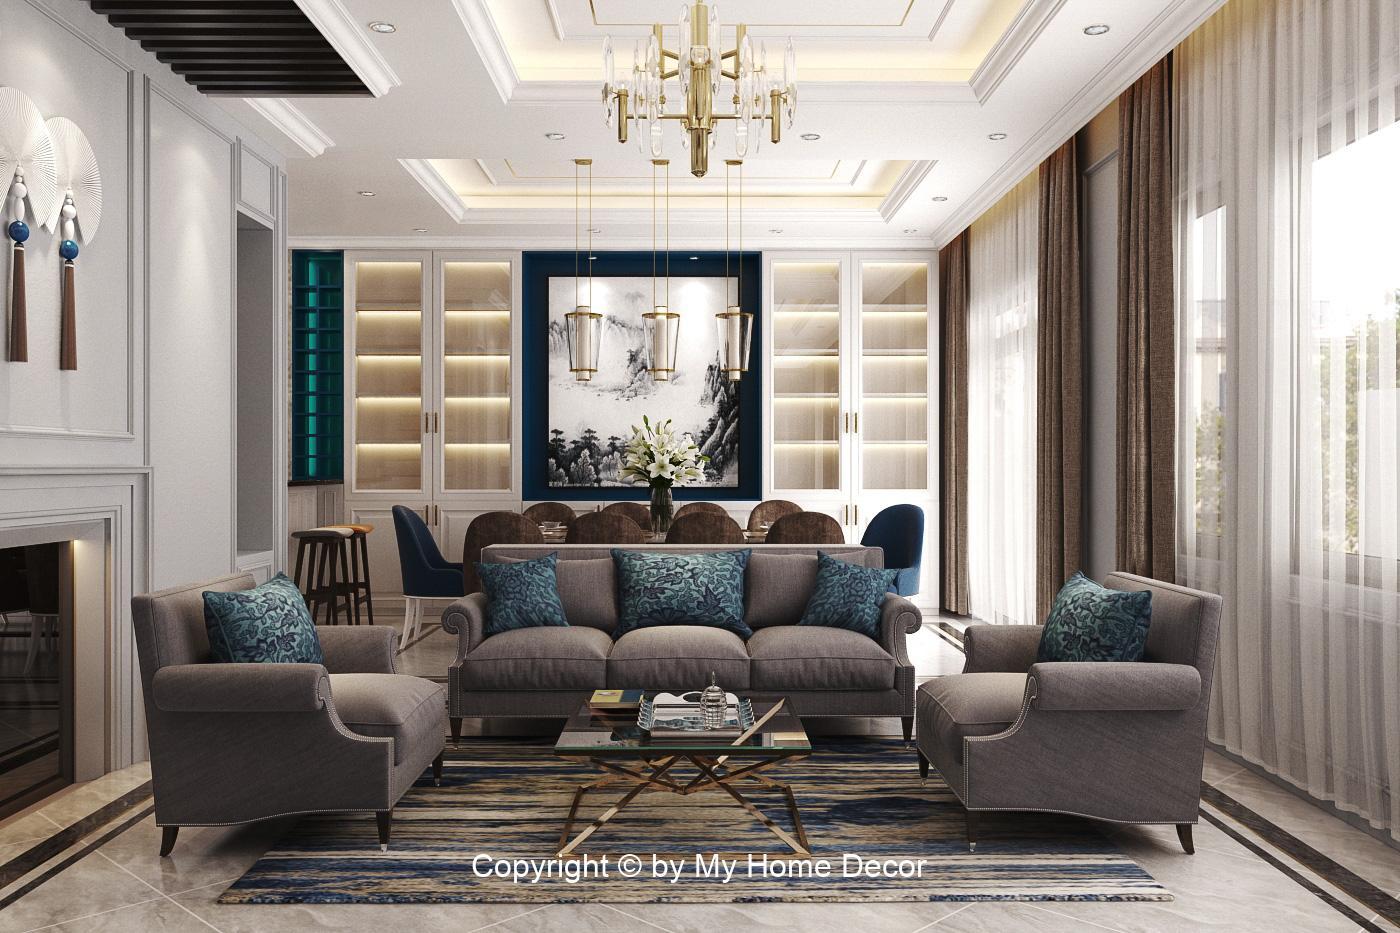 Thiết kế nội thất không gian phòng khách Waterpoint.